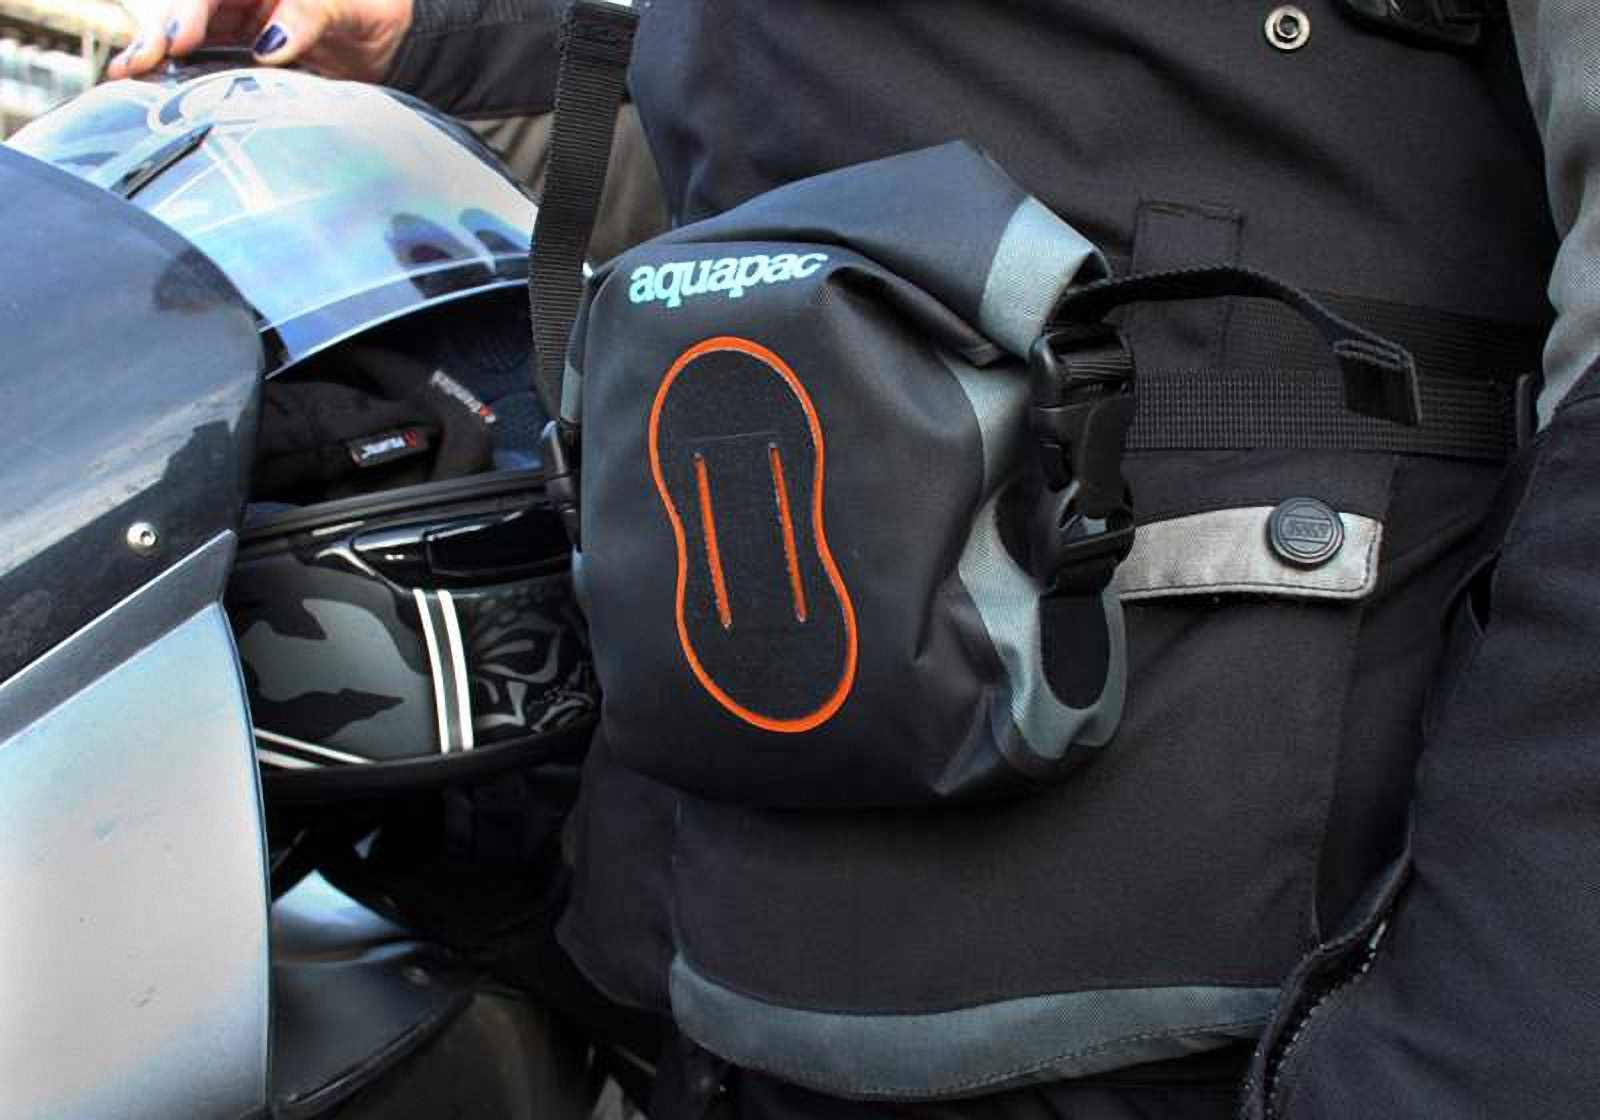 Водонепроницаемый чехол для фотоаппарата - Aquapac 020. Aquapac - №1 в мире водонепроницаемых чехлов и сумок. Фото 10